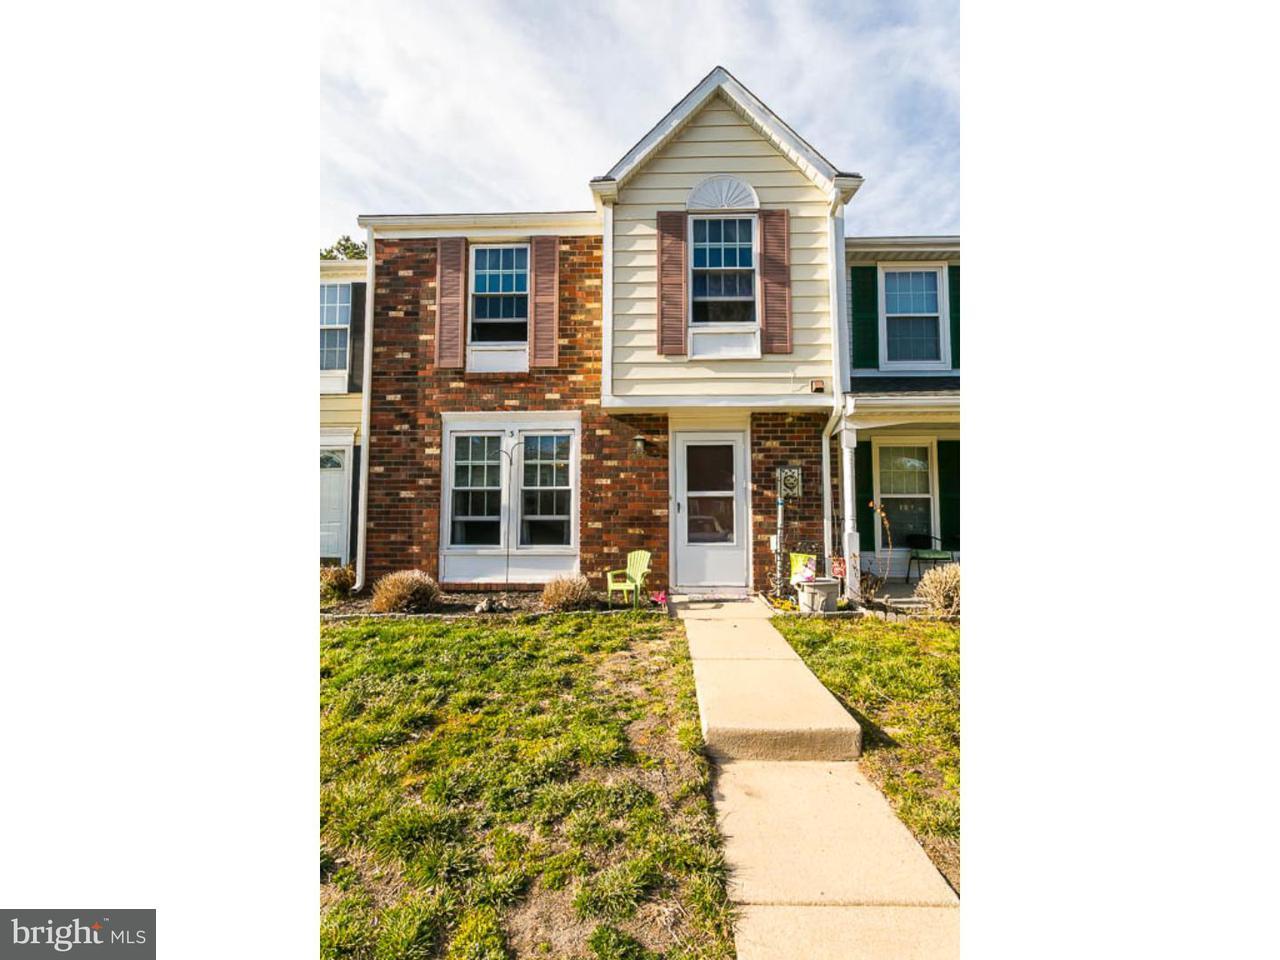 Casa unifamiliar adosada (Townhouse) por un Alquiler en 3 BENCHLY WAY Marlton, Nueva Jersey 08053 Estados Unidos